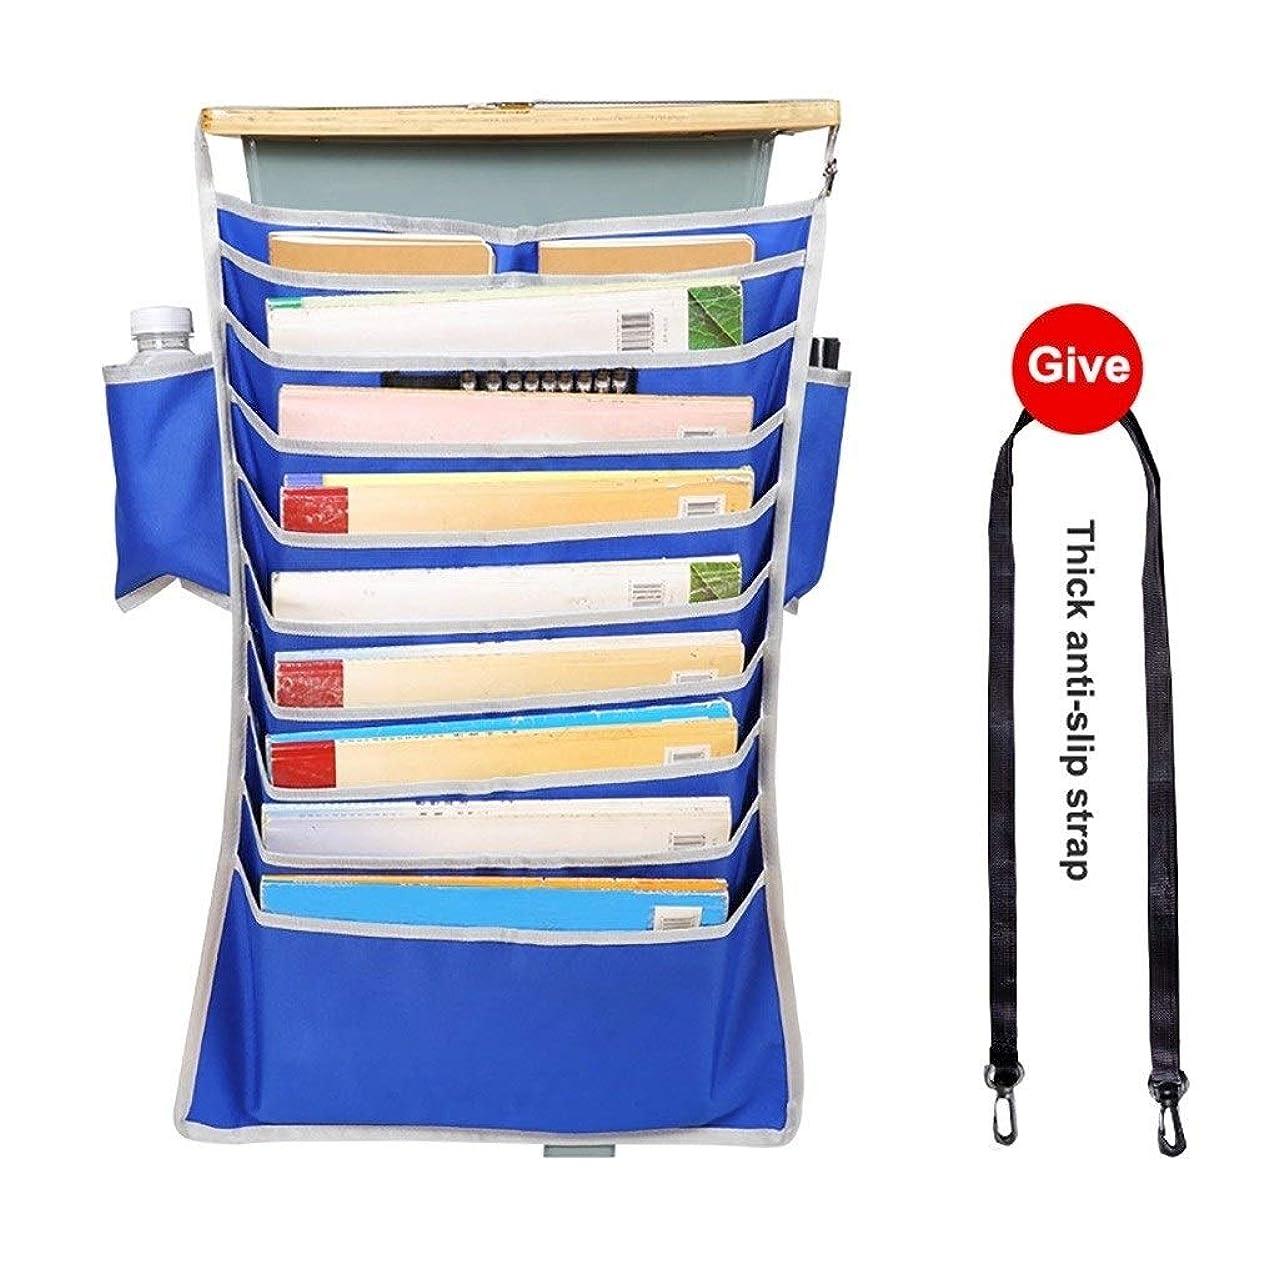 頻繁に接尾辞習熟度デスクサイドマウントキャディストレージ主催アジャスタブル学生教室ブックを吊るすペンホルダー文房具収納袋ファイル丈夫な防水オックスフォード生地 (Color : B1)